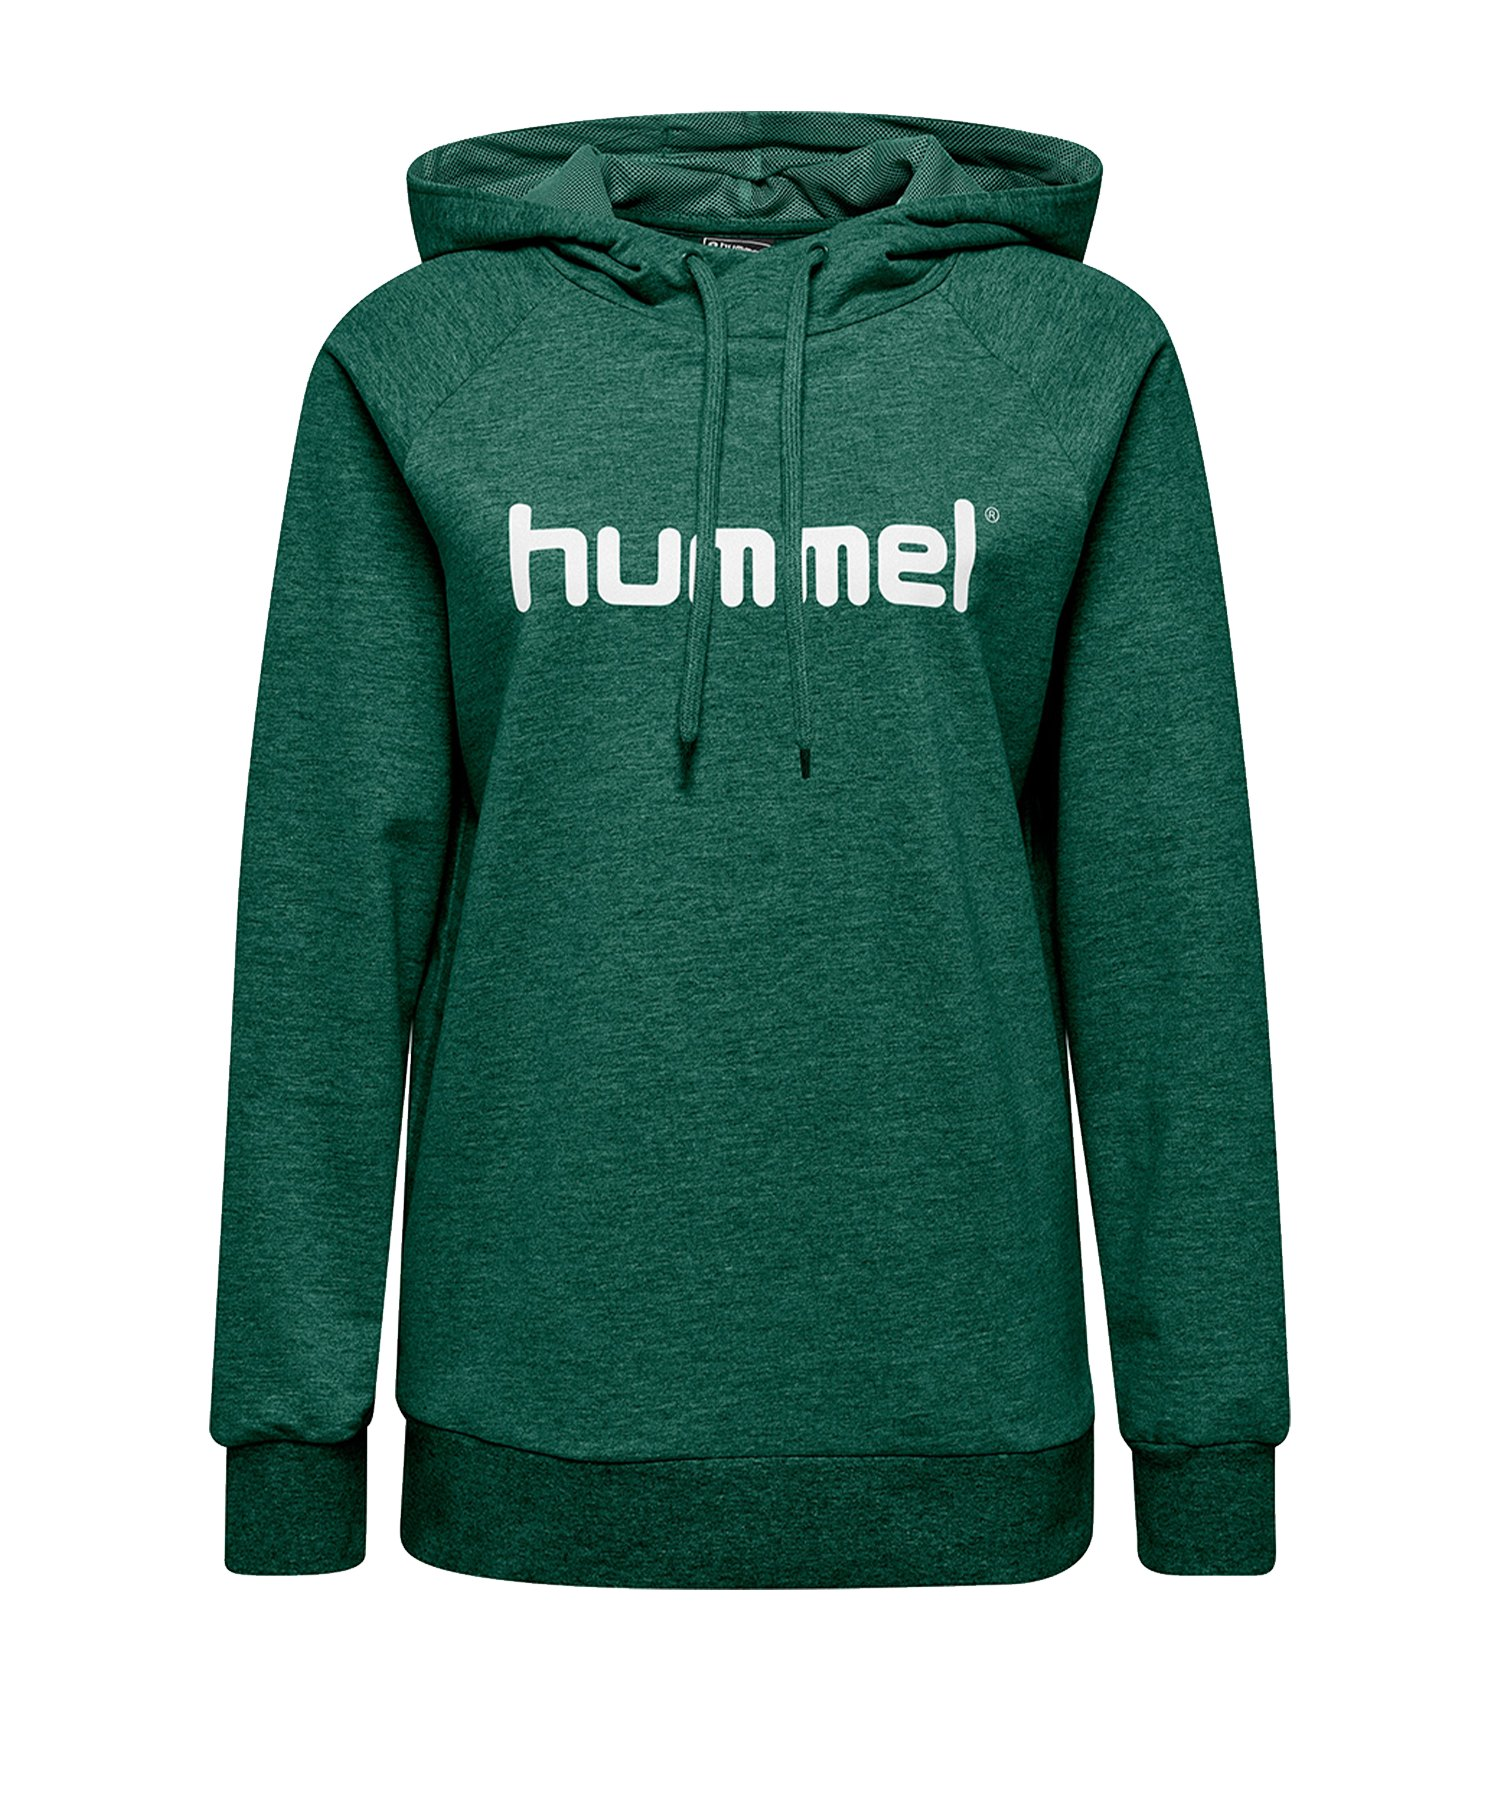 Hummel Cotton Logo Hoody Damen Grün F6140 - Gruen